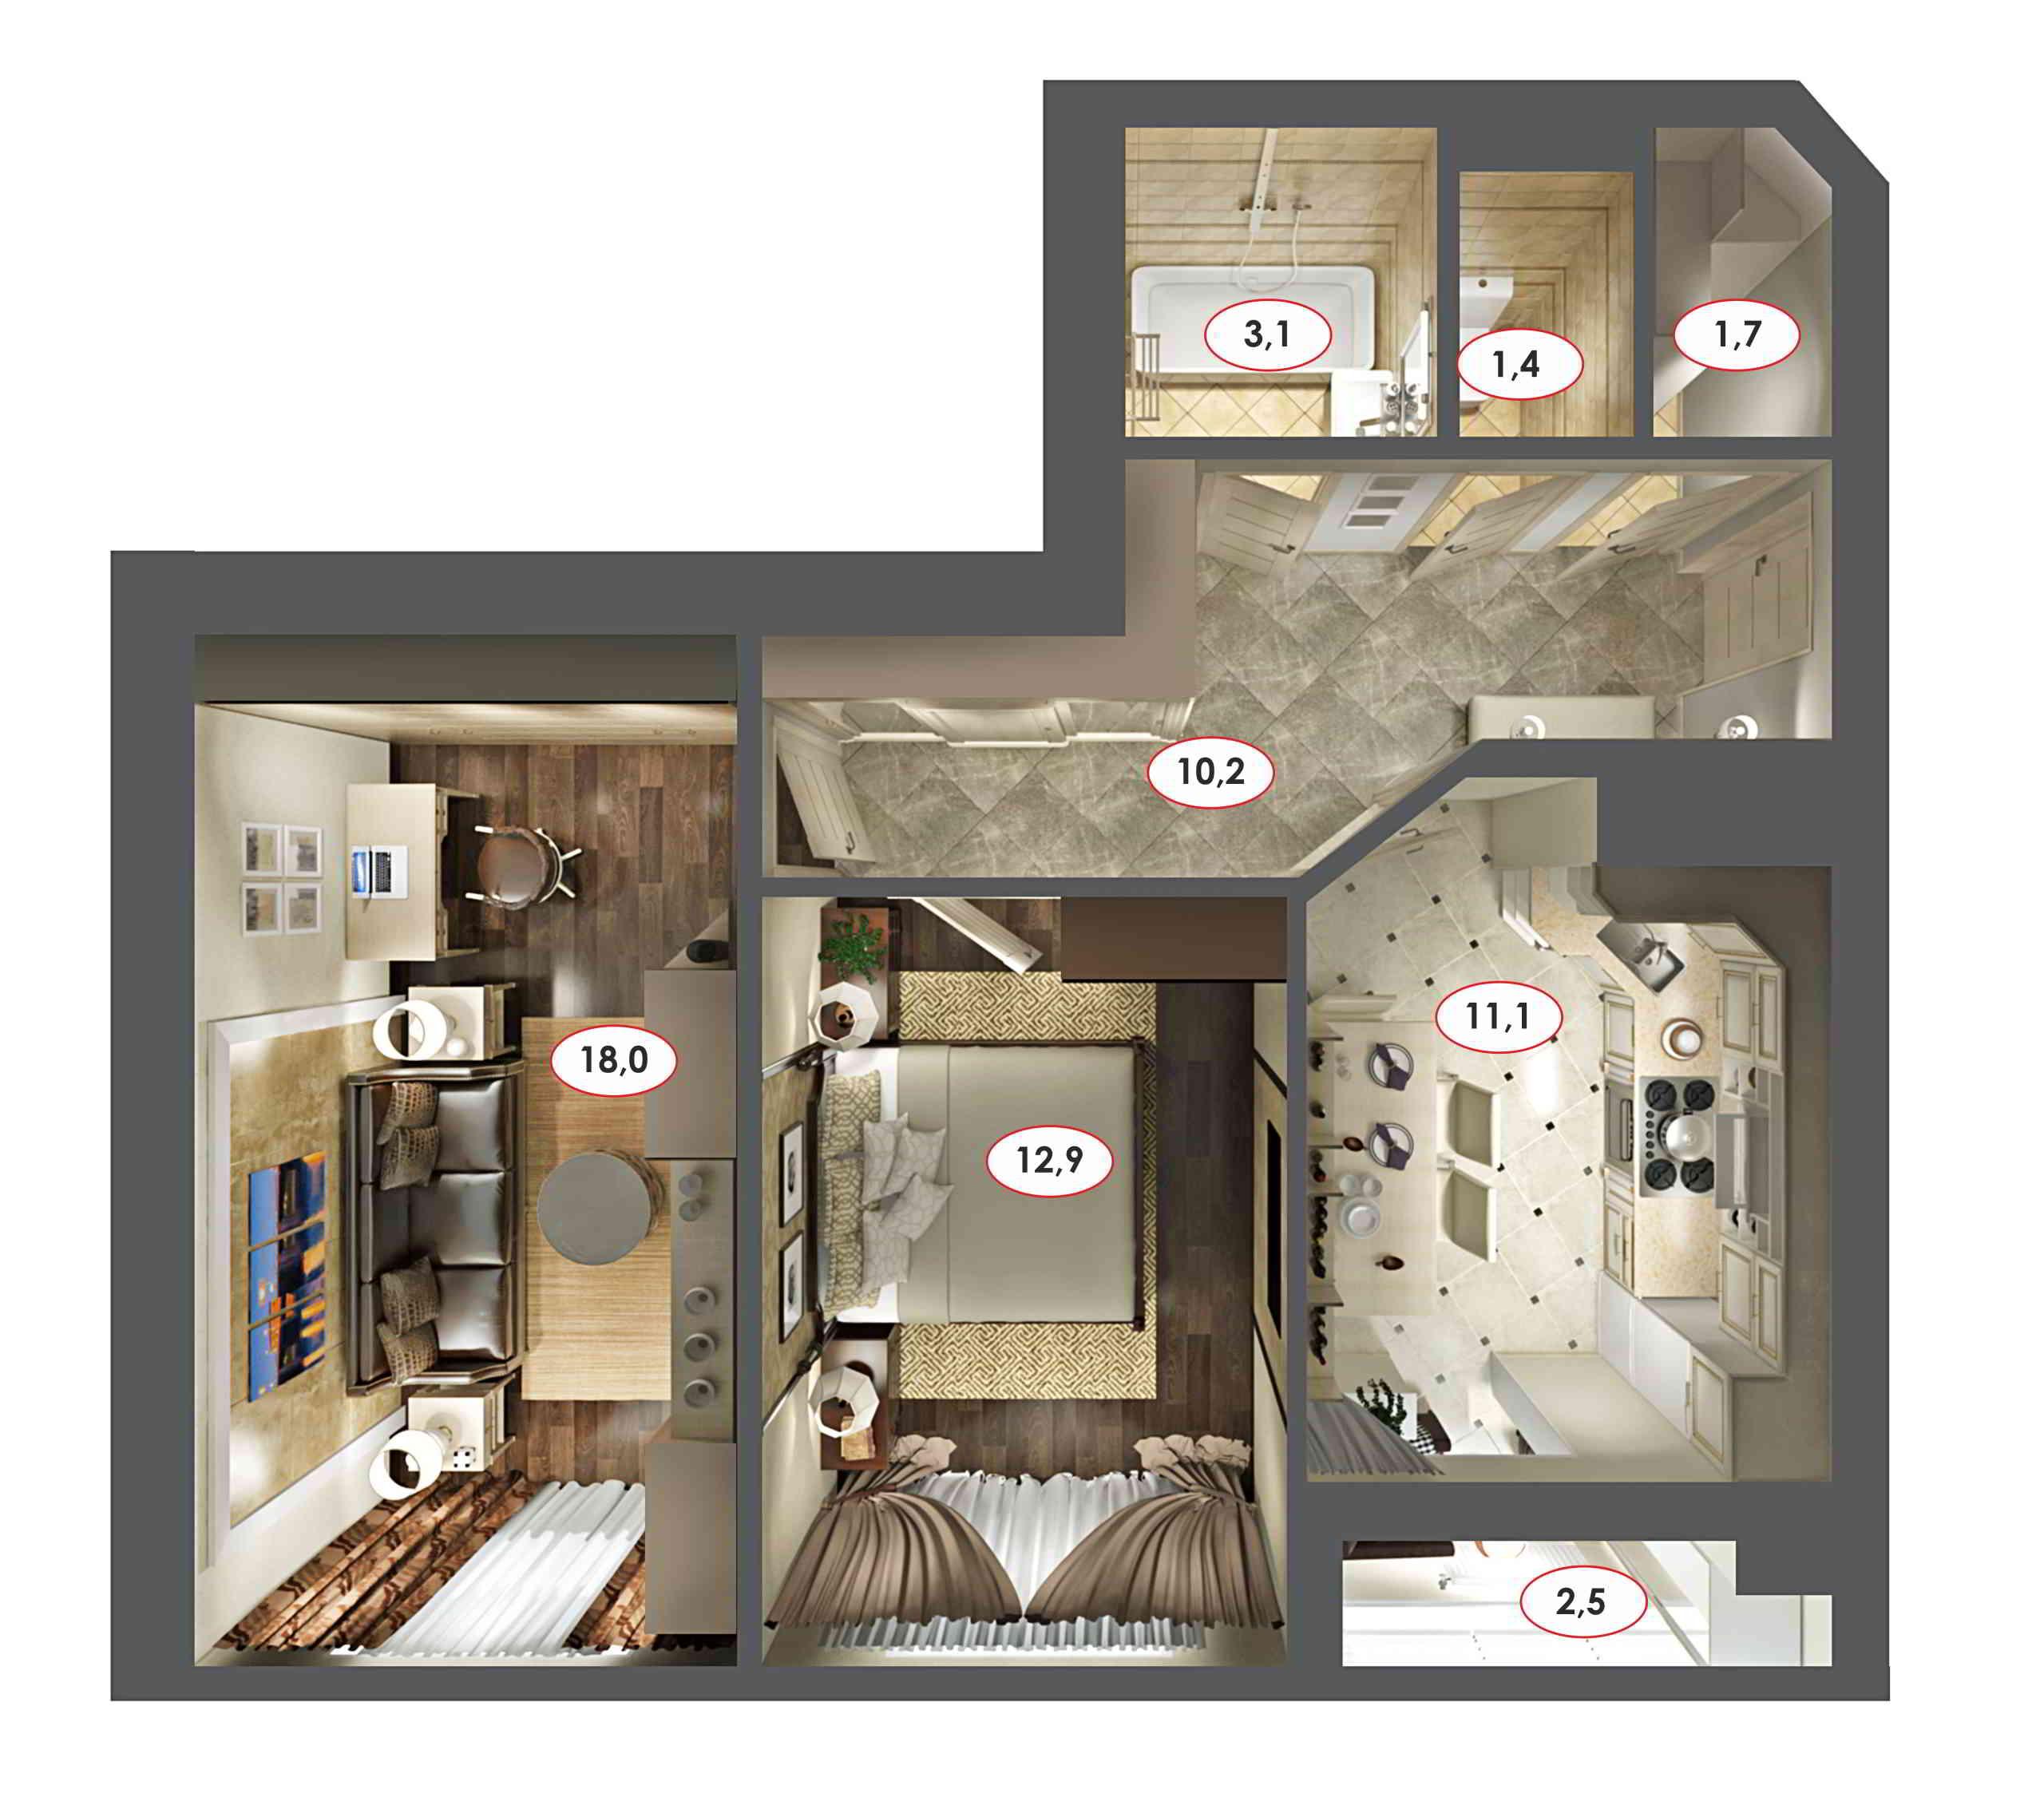 дизайн интерьера квартиры в гомеле вид сверху